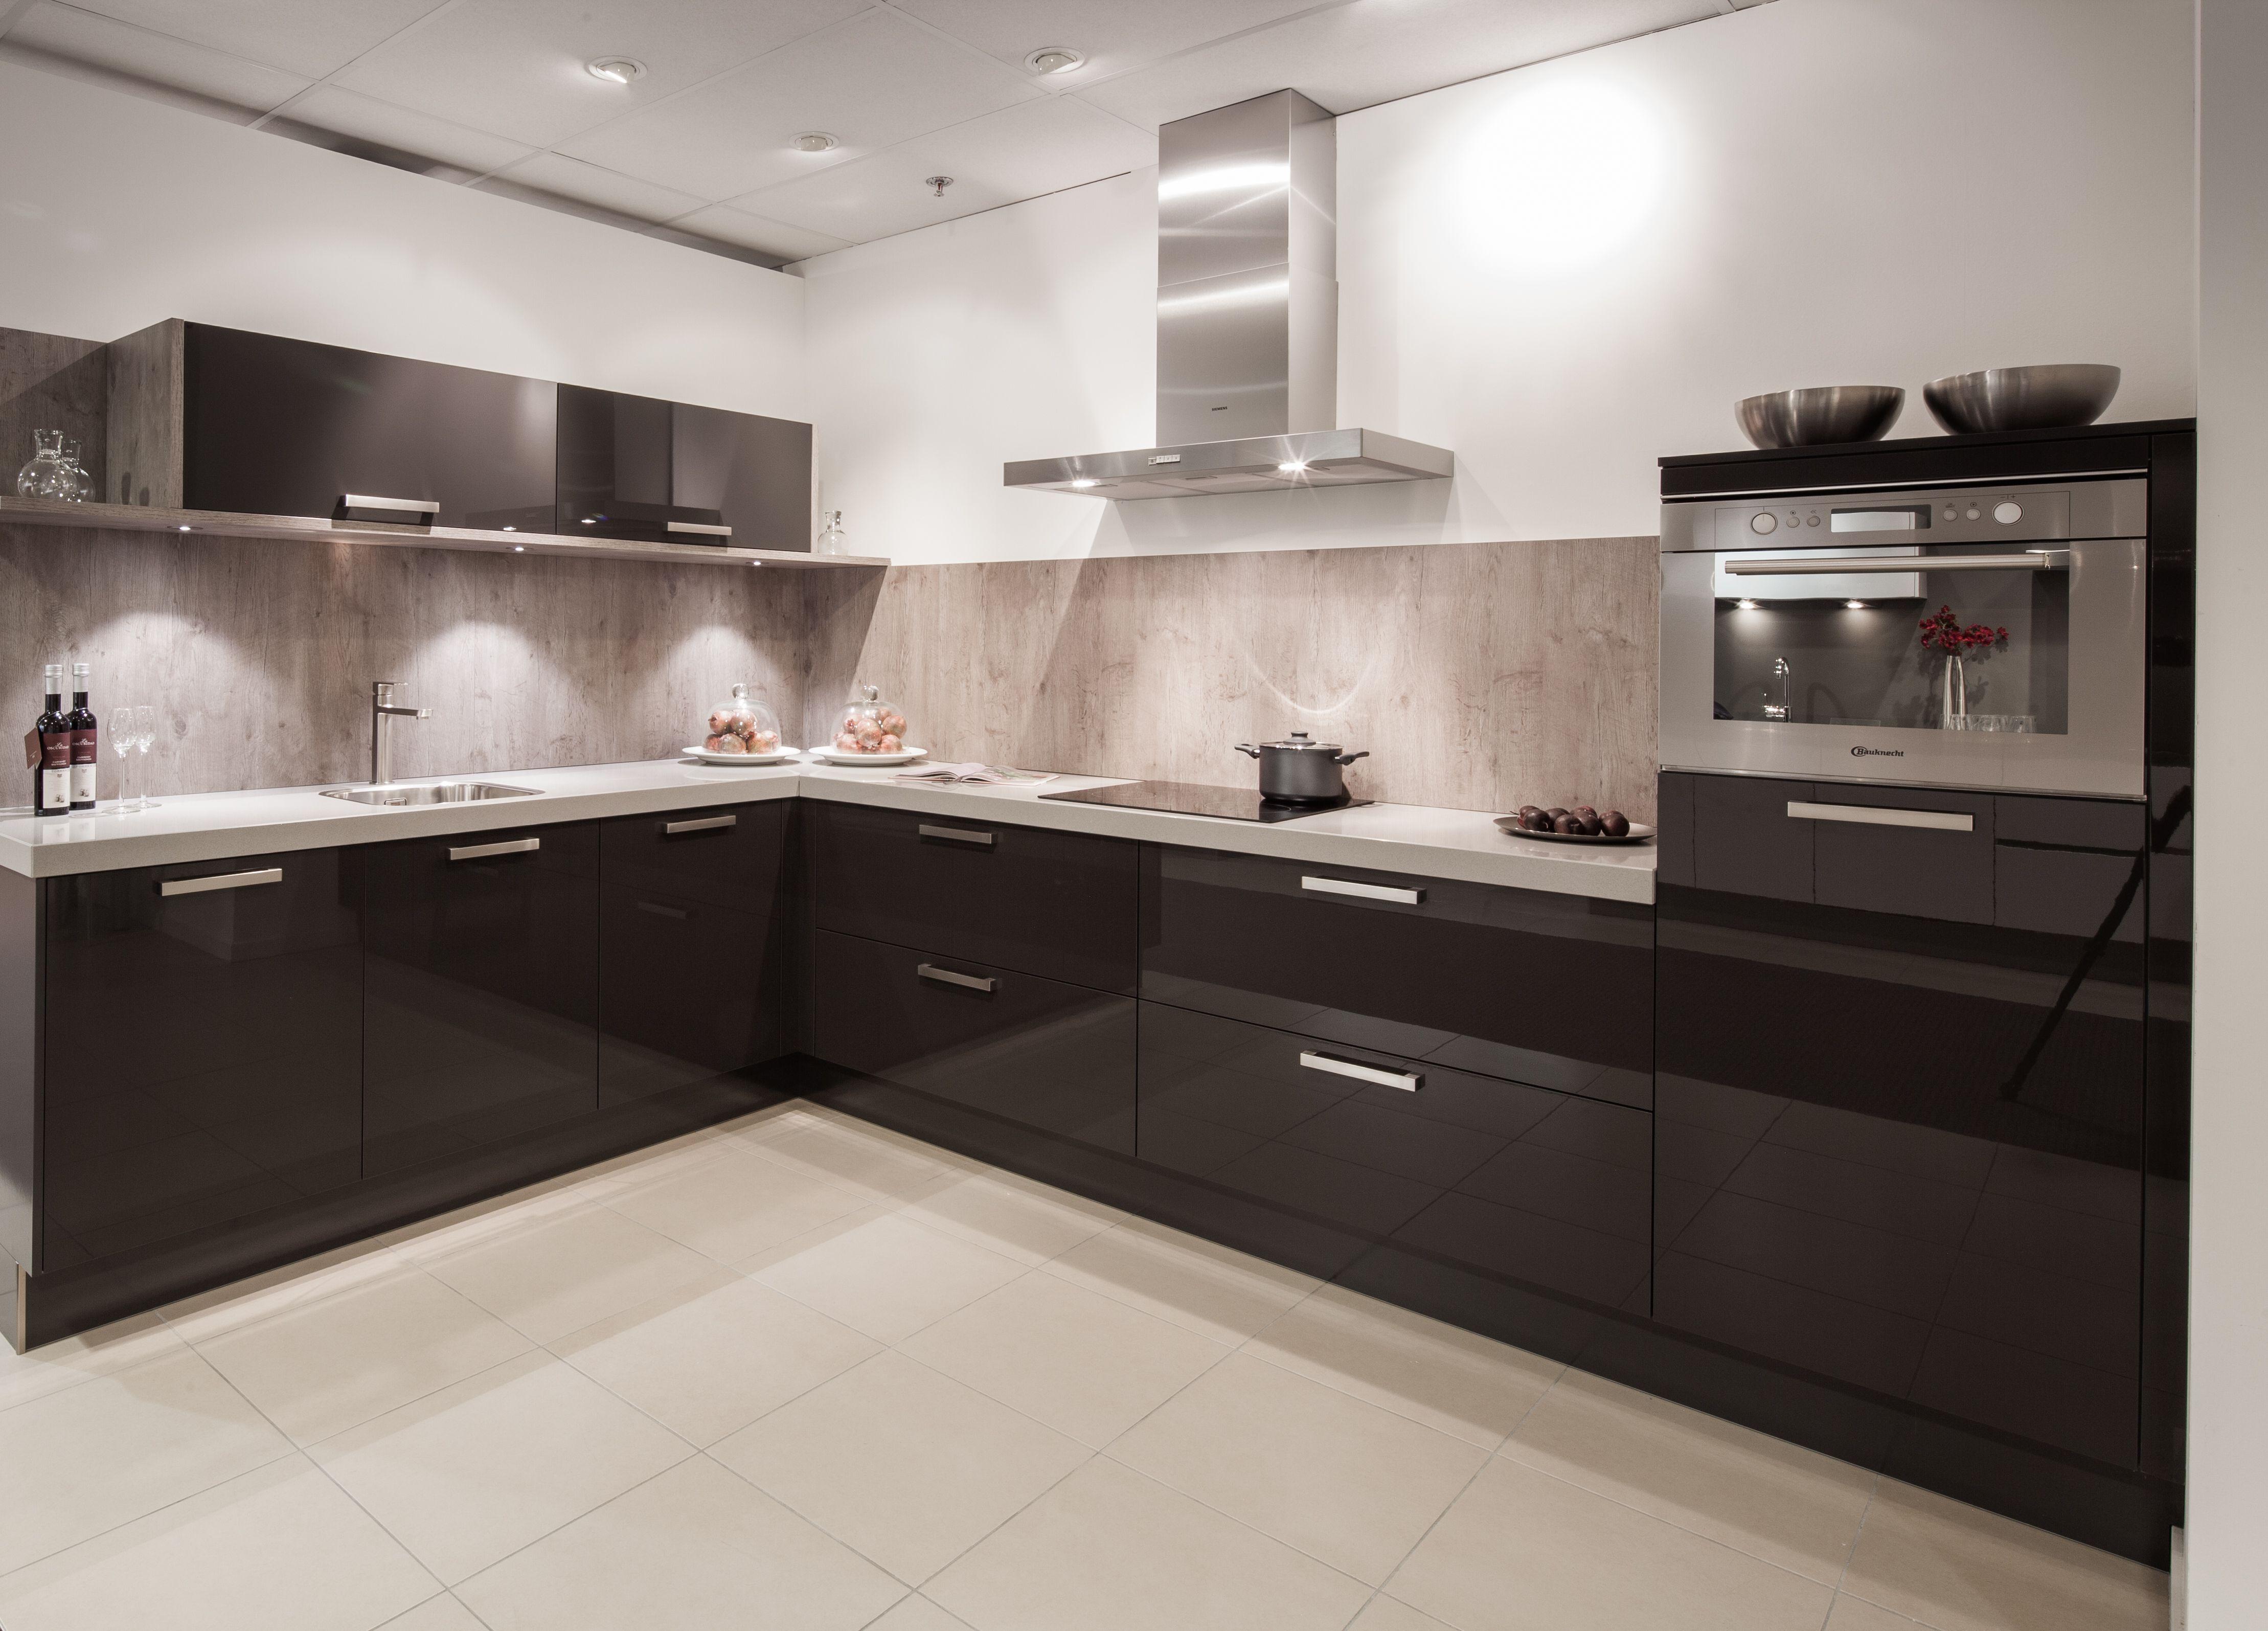 Moderne Keuken Donker : Keuken donker eiken elst vri interieur